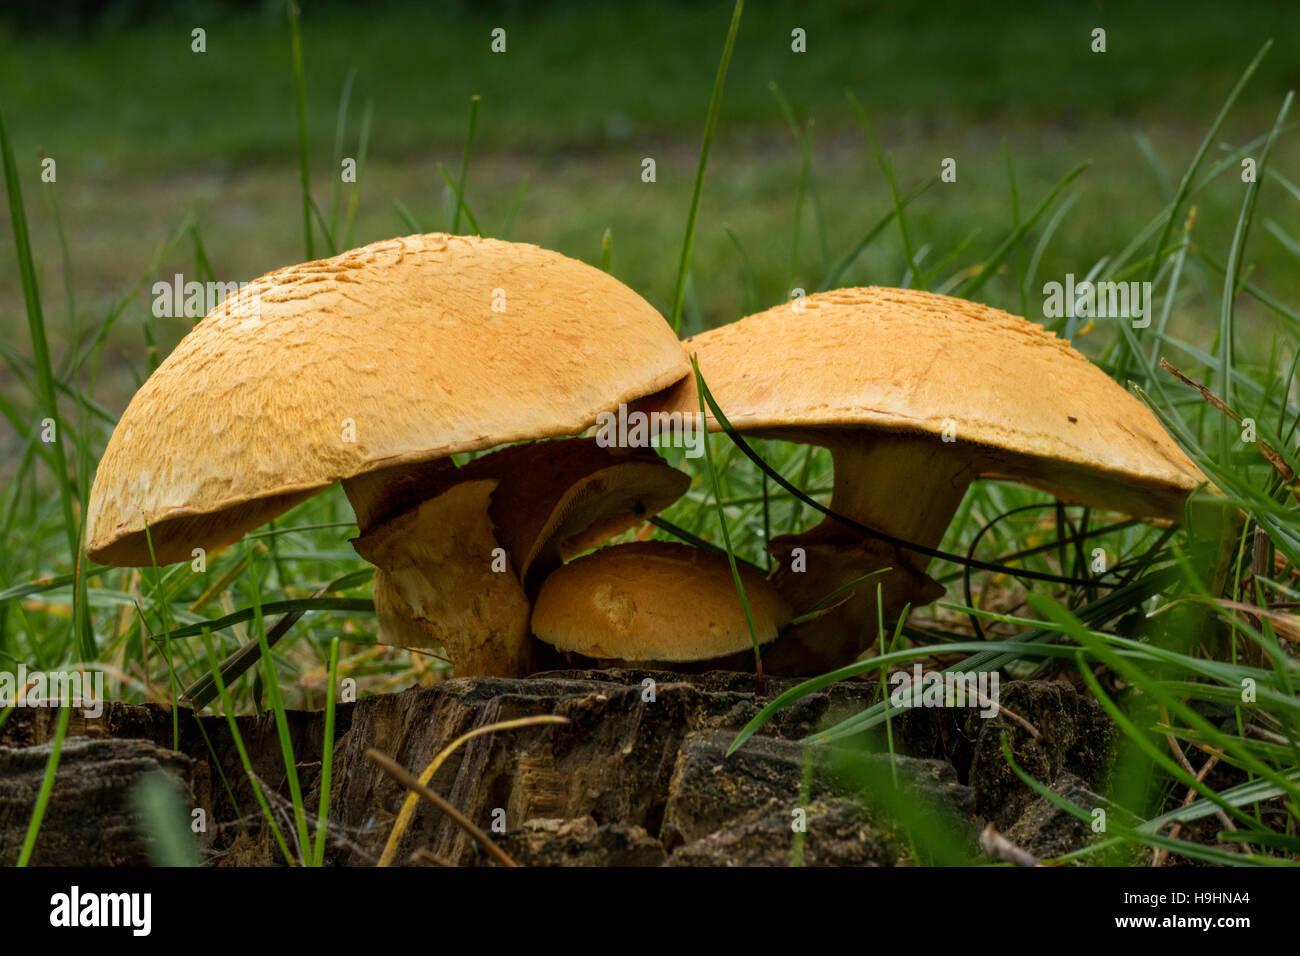 Rustgill spectaculaire des champignons dans la forêt Photo Stock